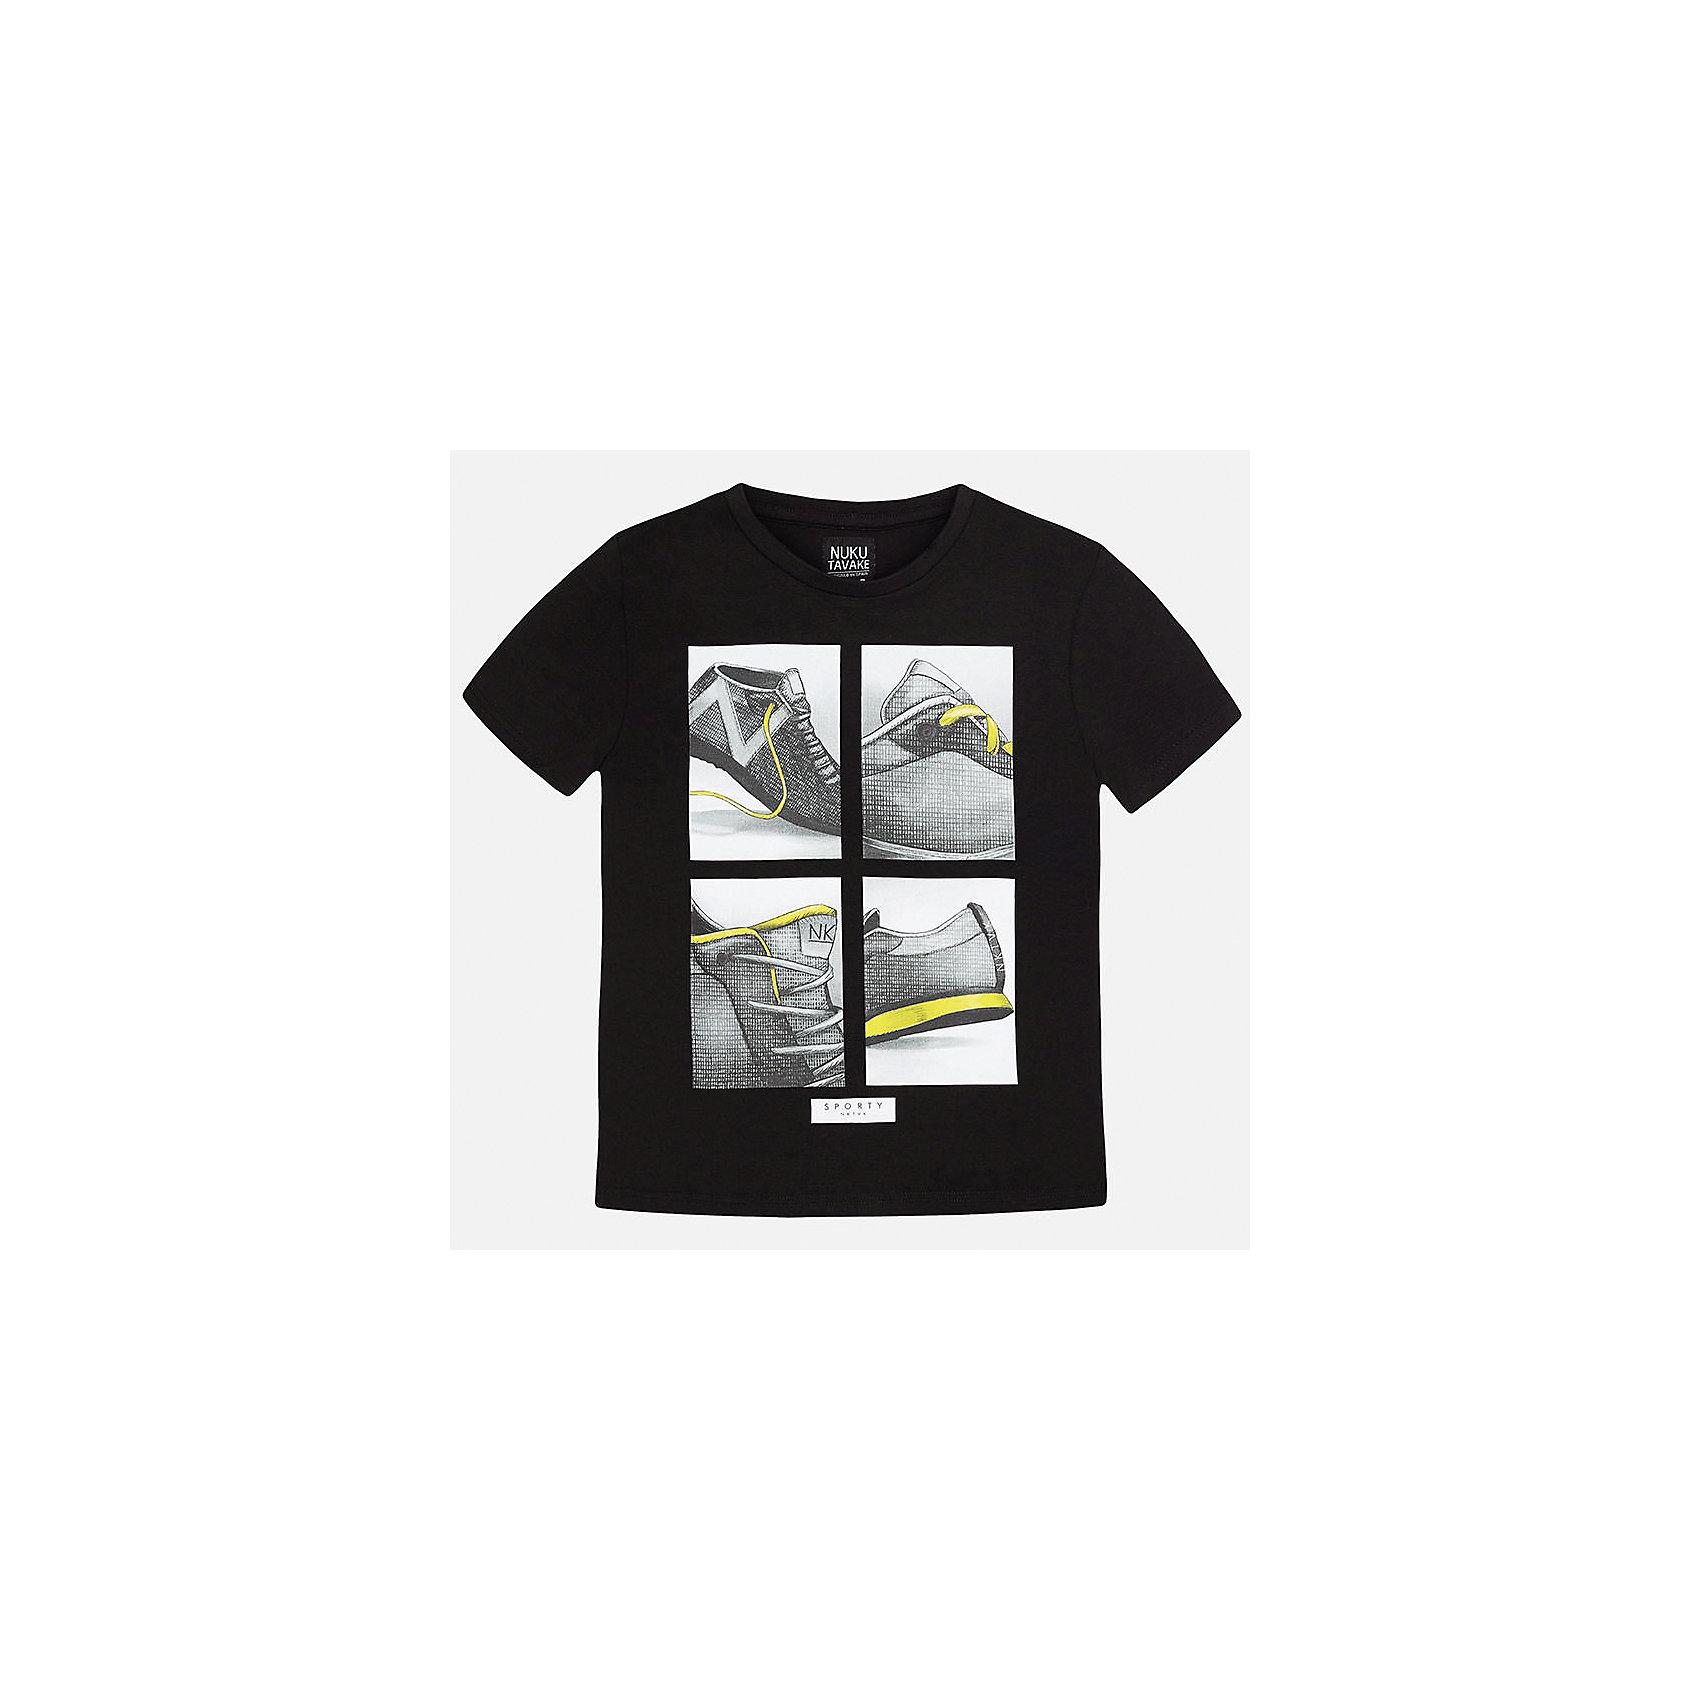 Футболка для мальчика MayoralФутболки, поло и топы<br>Характеристики товара:<br><br>• цвет: черный<br>• состав: 95% хлопок, 5% эластан<br>• принт<br>• комфортная посадка<br>• короткие рукава<br>• округлый горловой вырез<br>• страна бренда: Испания<br><br>Стильная качественная футболка для мальчика поможет разнообразить гардероб ребенка и украсить наряд. В составе ткани преобладает натуральный хлопок, гипоаллергенный, приятный на ощупь, дышащий.<br><br>Футболку для мальчика от испанского бренда Mayoral (Майорал) можно купить в нашем интернет-магазине.<br><br>Ширина мм: 199<br>Глубина мм: 10<br>Высота мм: 161<br>Вес г: 151<br>Цвет: черный<br>Возраст от месяцев: 96<br>Возраст до месяцев: 108<br>Пол: Мужской<br>Возраст: Детский<br>Размер: 128/134,158,140,152<br>SKU: 5587480